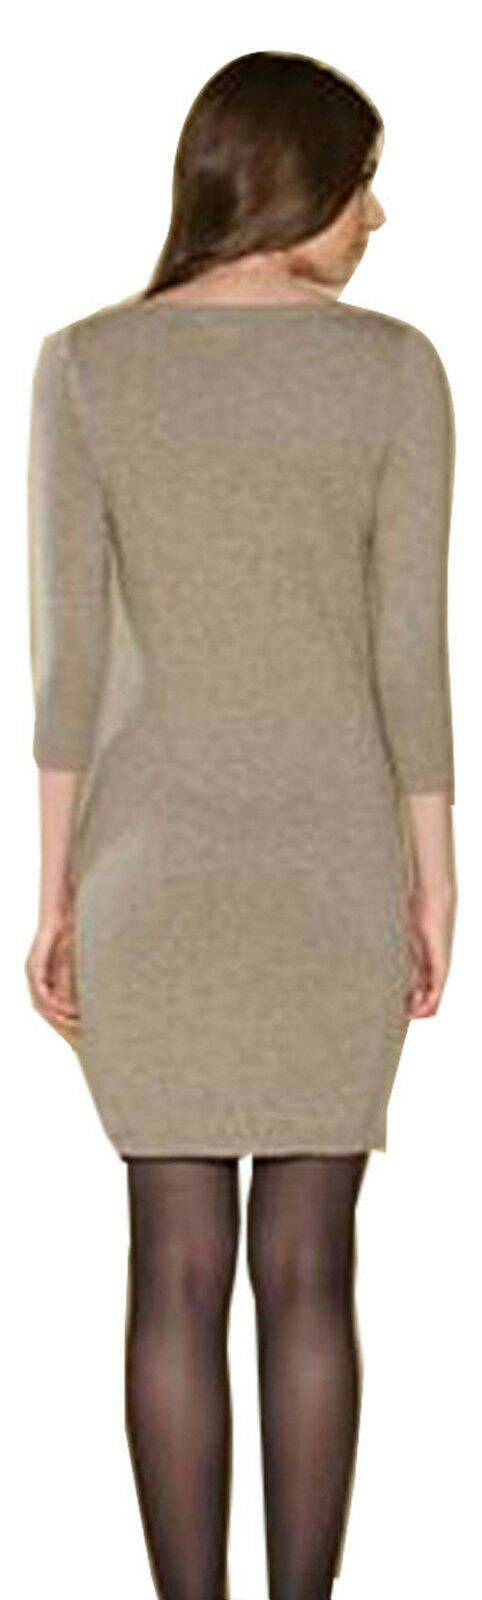 MONSOON Carmen pink Sequin Mink Dress Dress Dress BNWT 513404